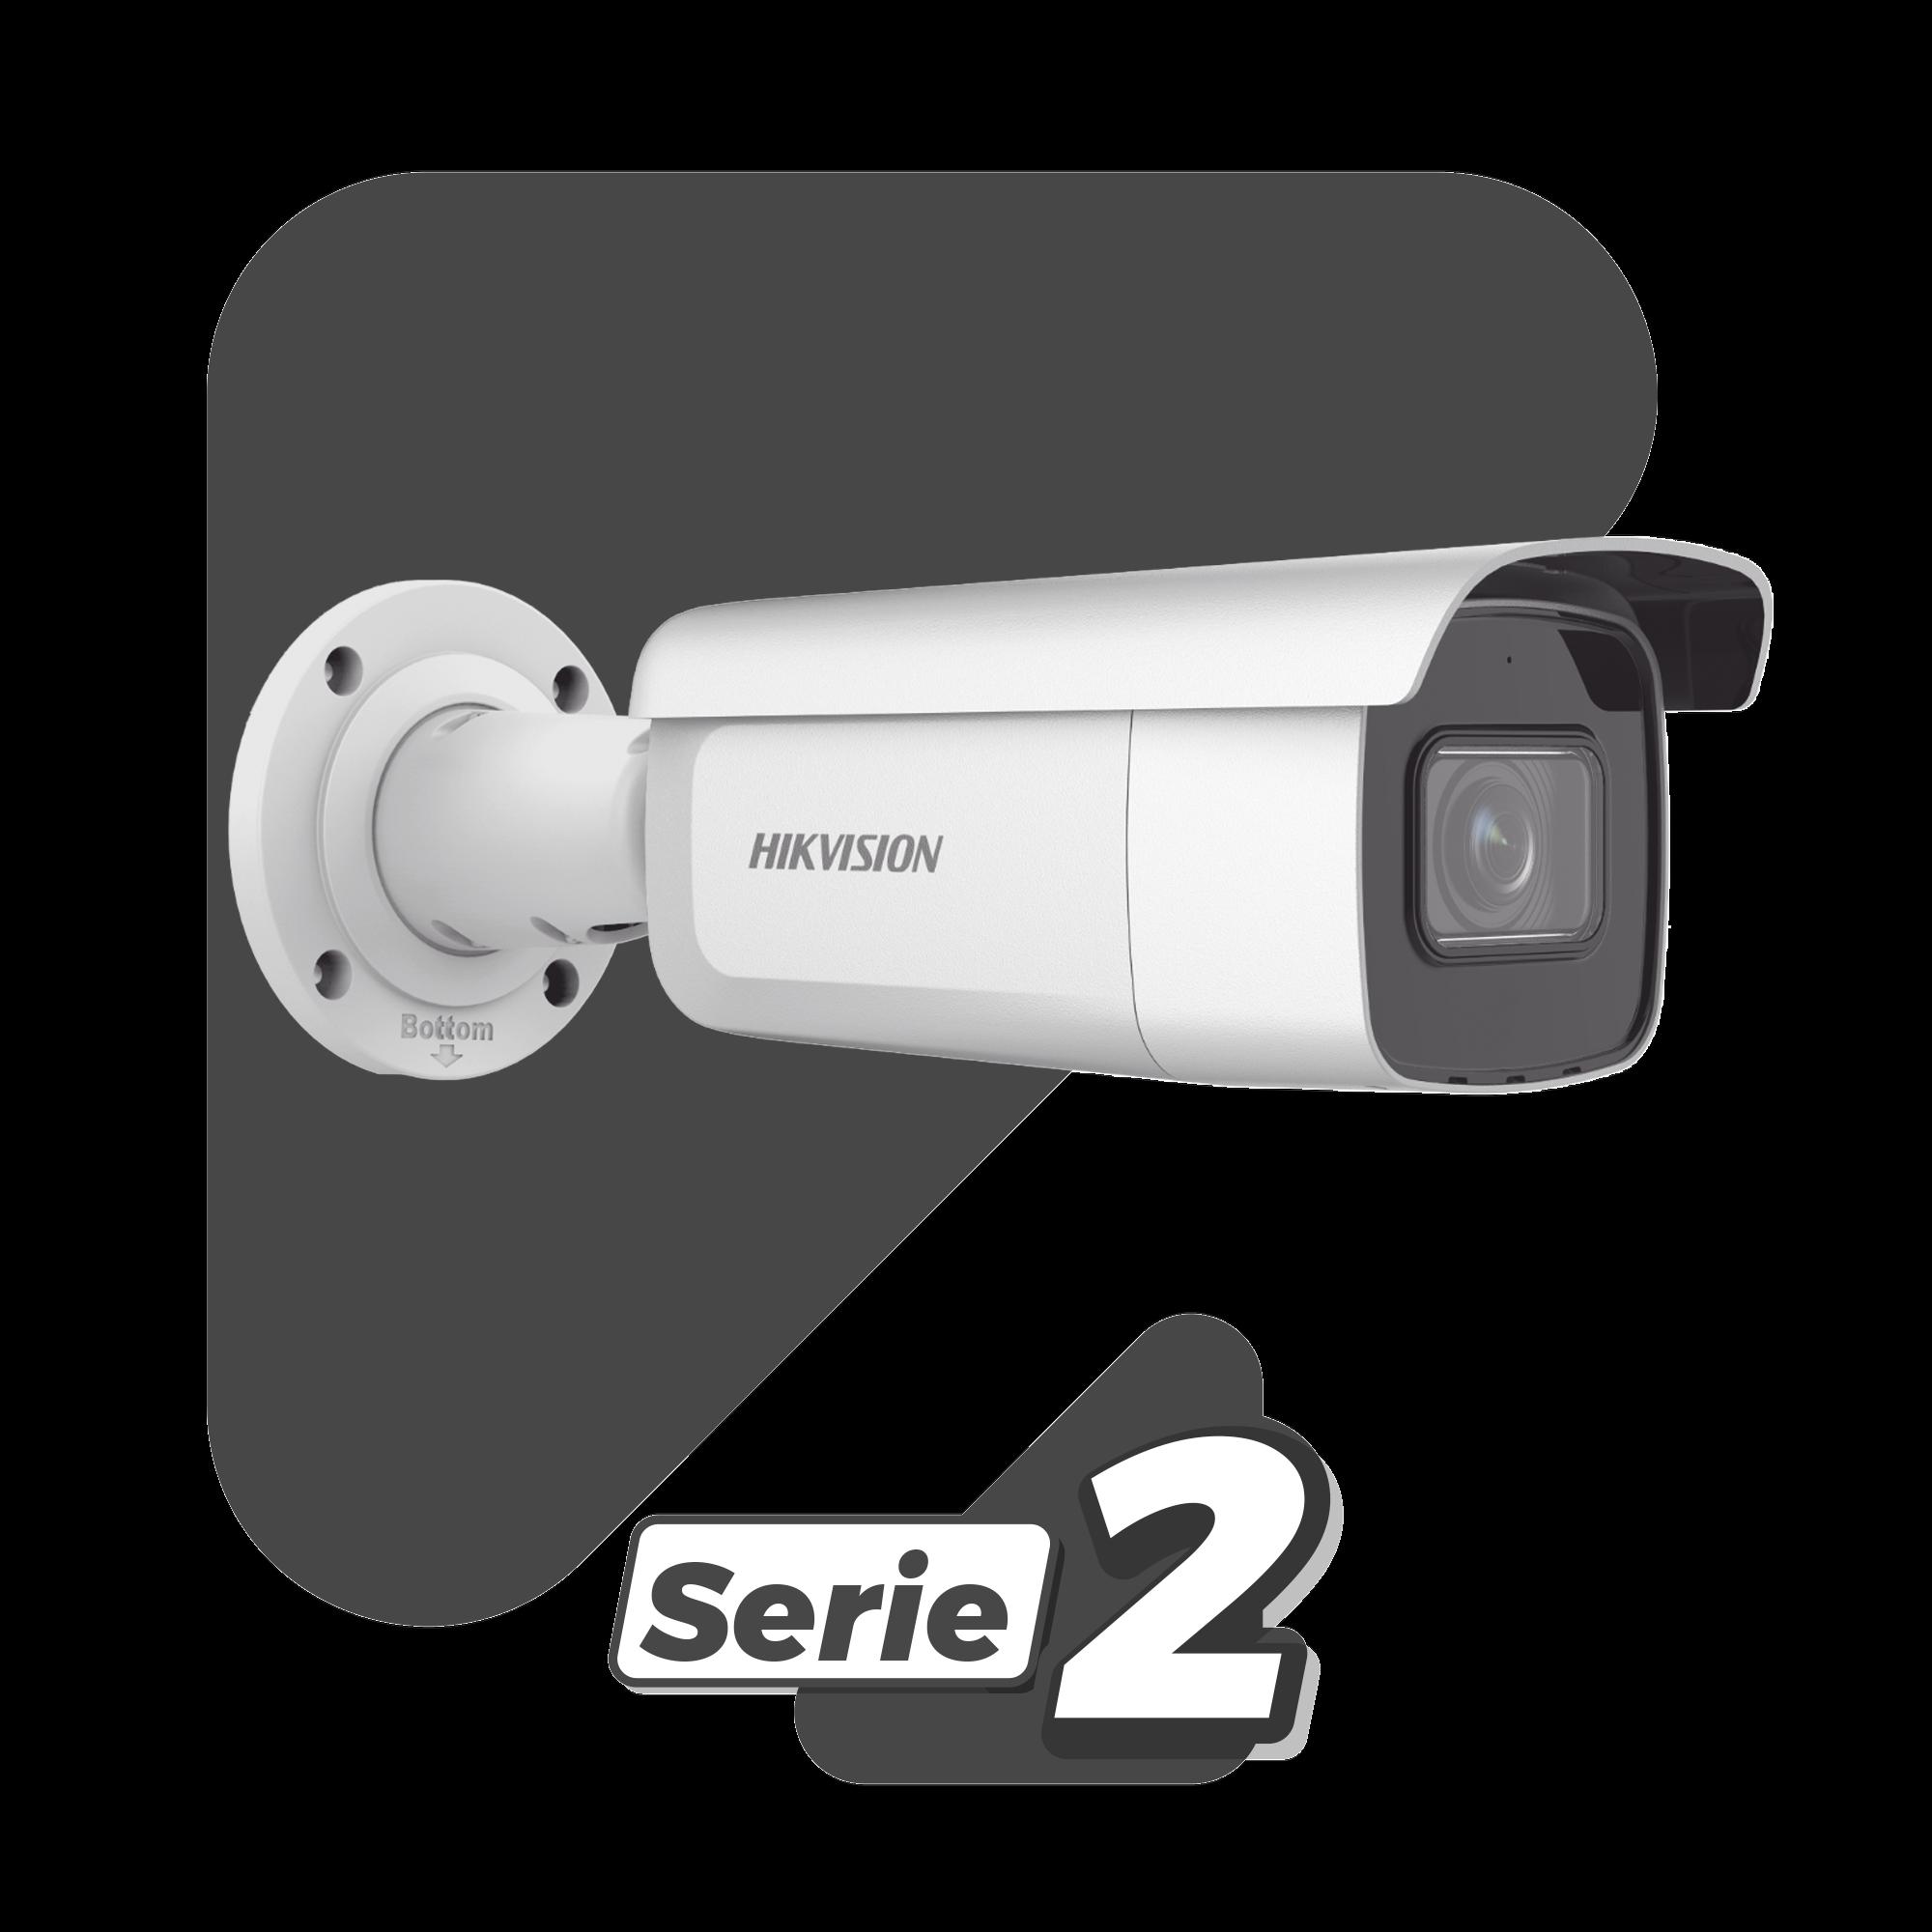 Bala IP 2 Megapixel / Lente Mot. 2.8 a 12 mm / 60 mts IR EXIR / Exterior IP67 / IK10 /  WDR 120 dB / PoE / Videoanaliticos (Filtro de Falsas Alarmas) / Ultra Baja Iluminación / Entrada y Salida de Audio y Alarma